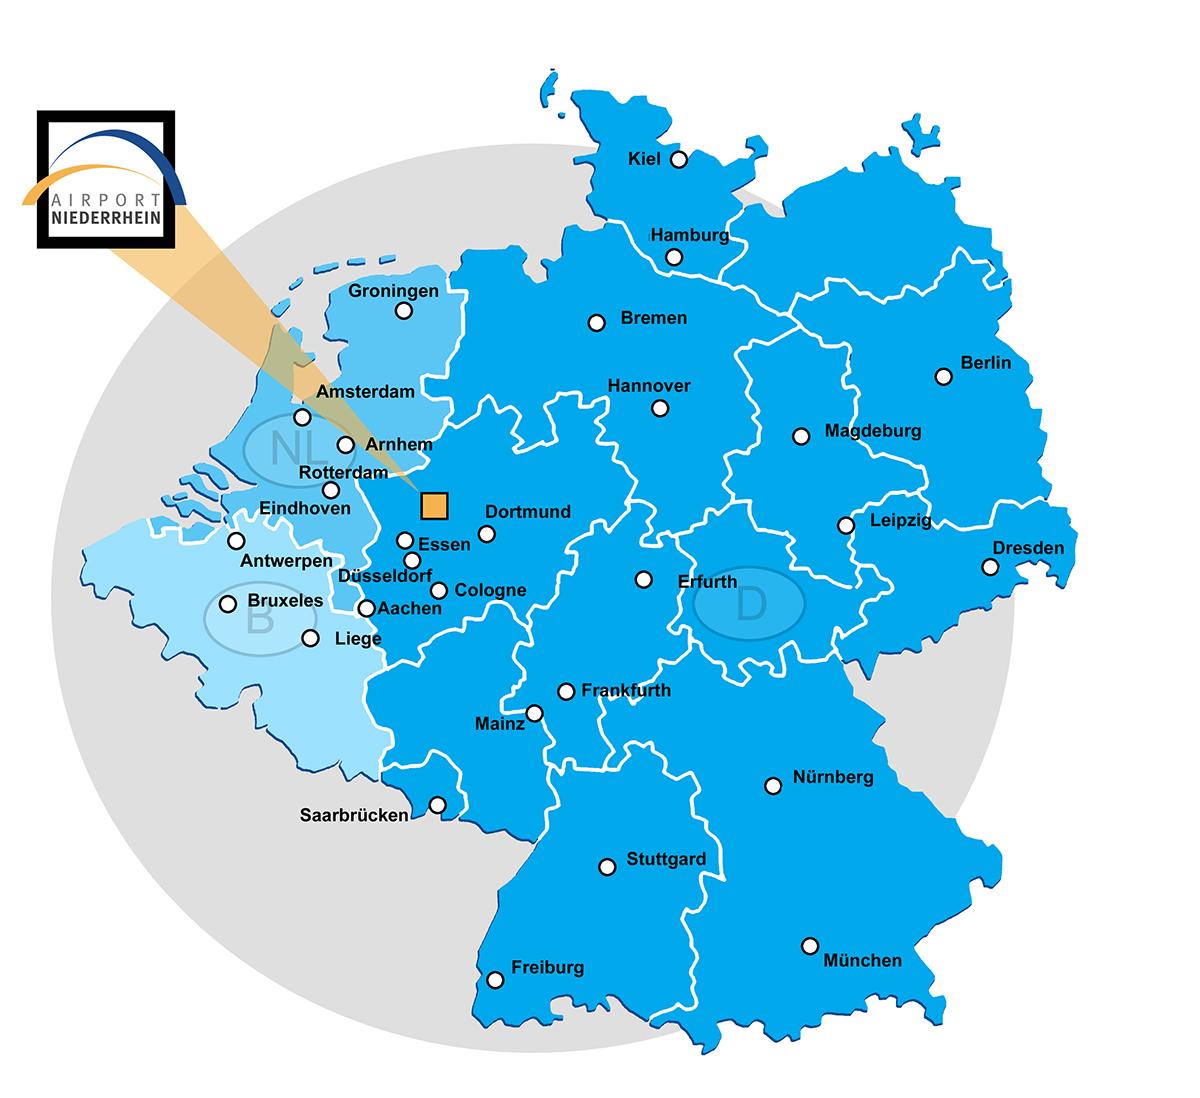 Landkarten Flughafen Niederrhein